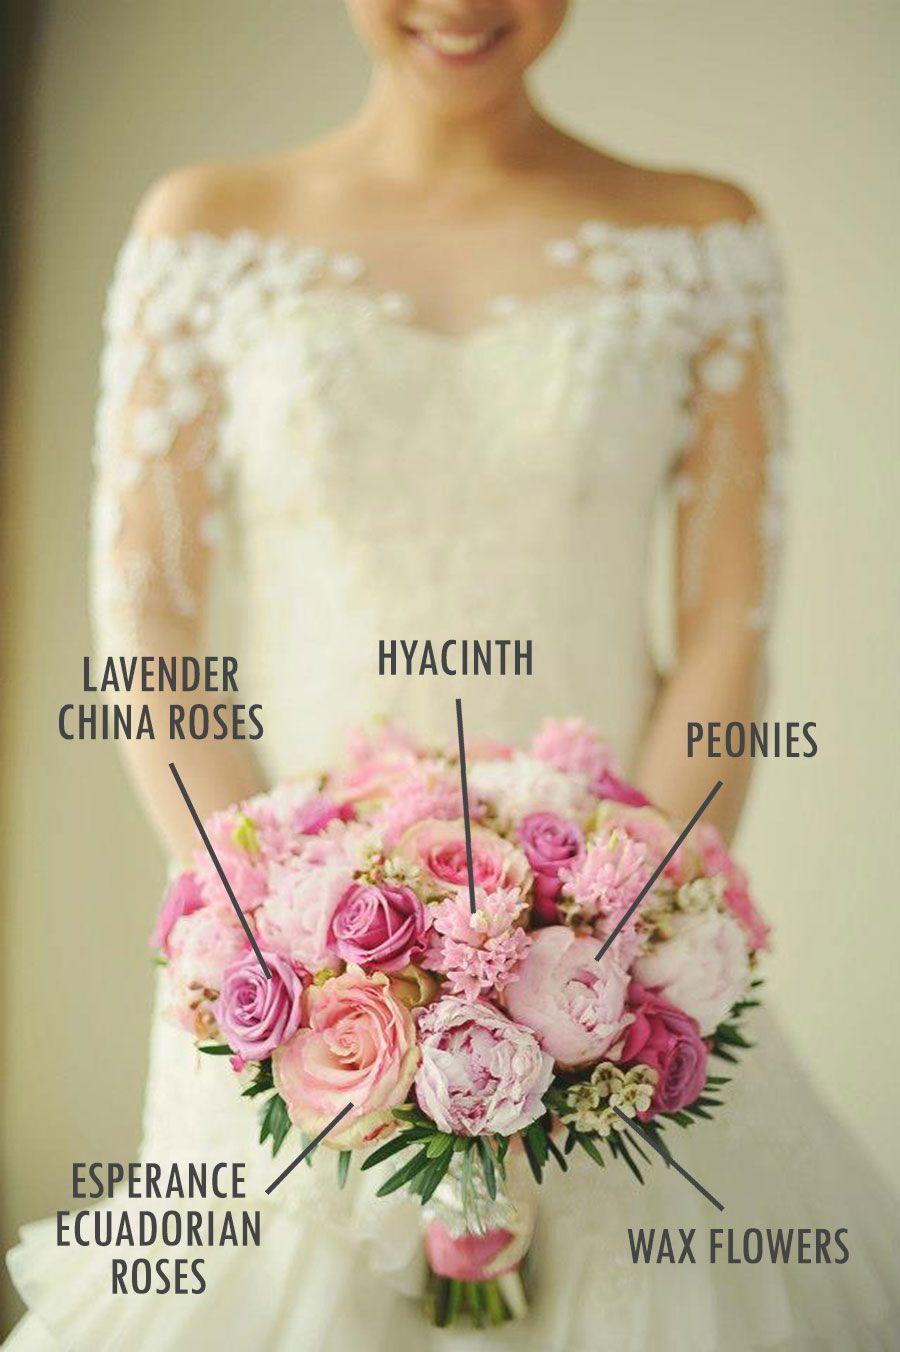 Floral Bouquet Recipes by Theme  Part   Flowers  Pinterest